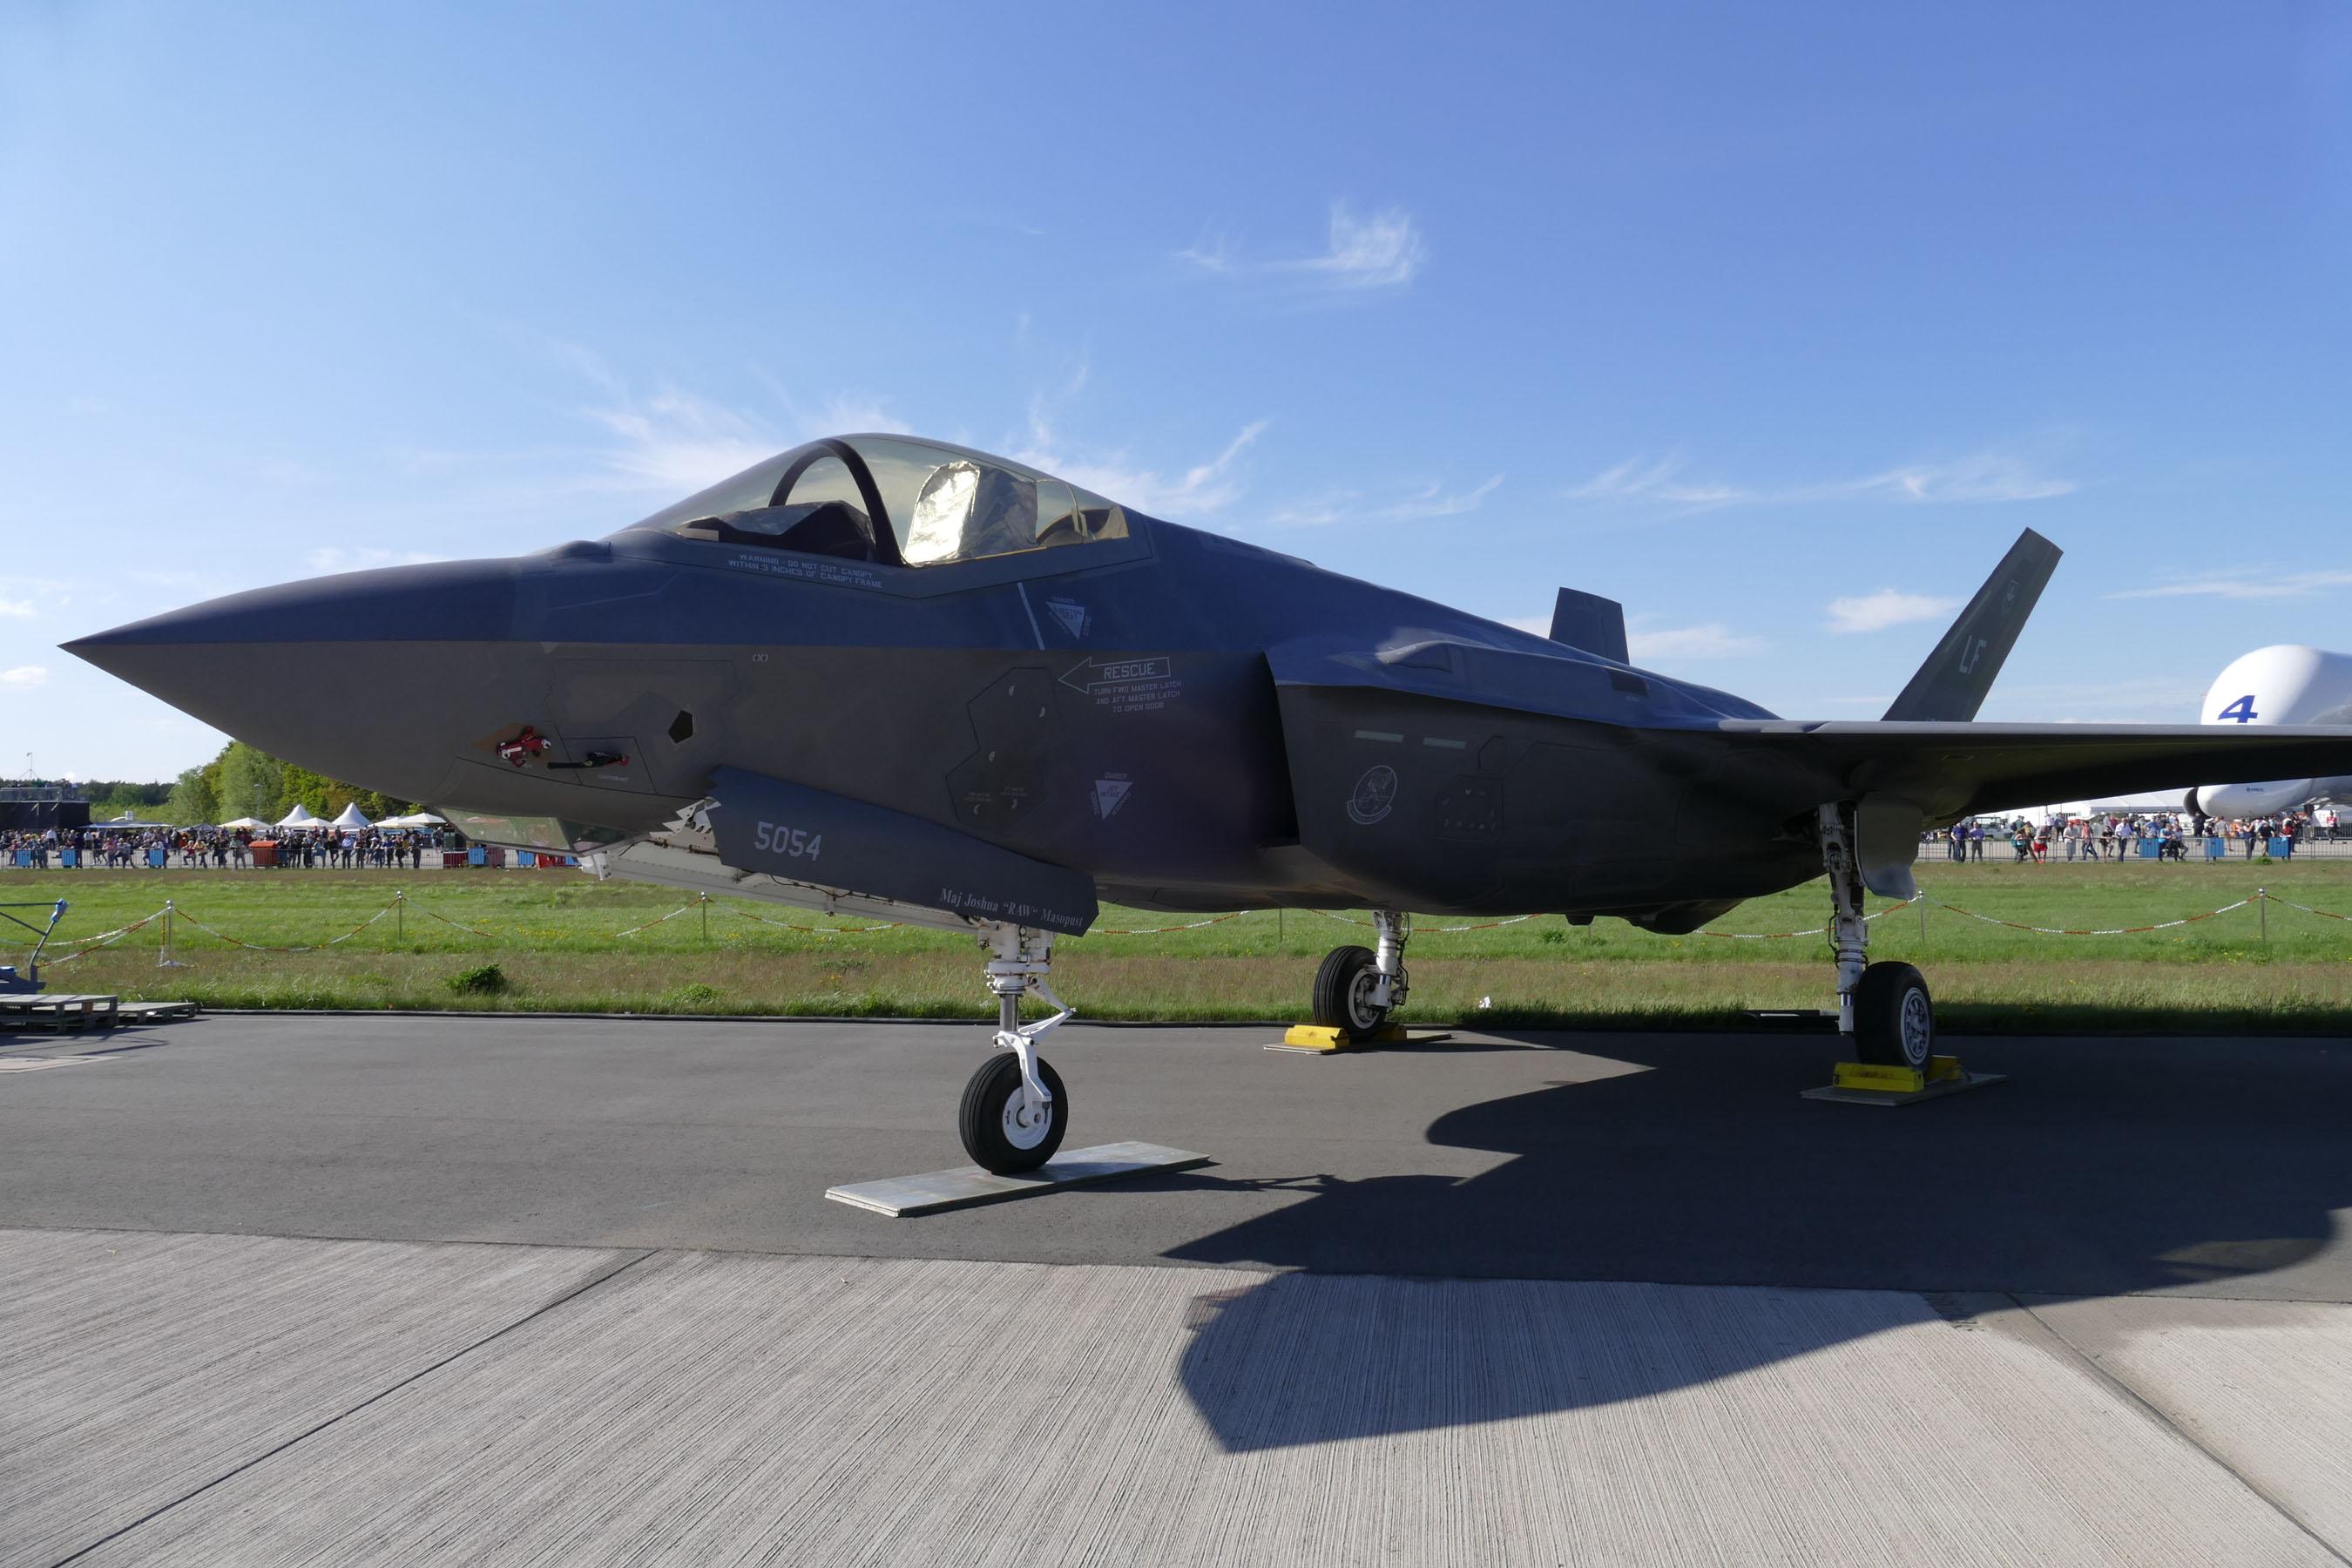 Die amerikanische F-35 erstmals in Deutschland. Die Luftwaffe würde sie gern als Ersatz für den Tornado anschaffen. Die Bundeswehrführung sträubt sich.